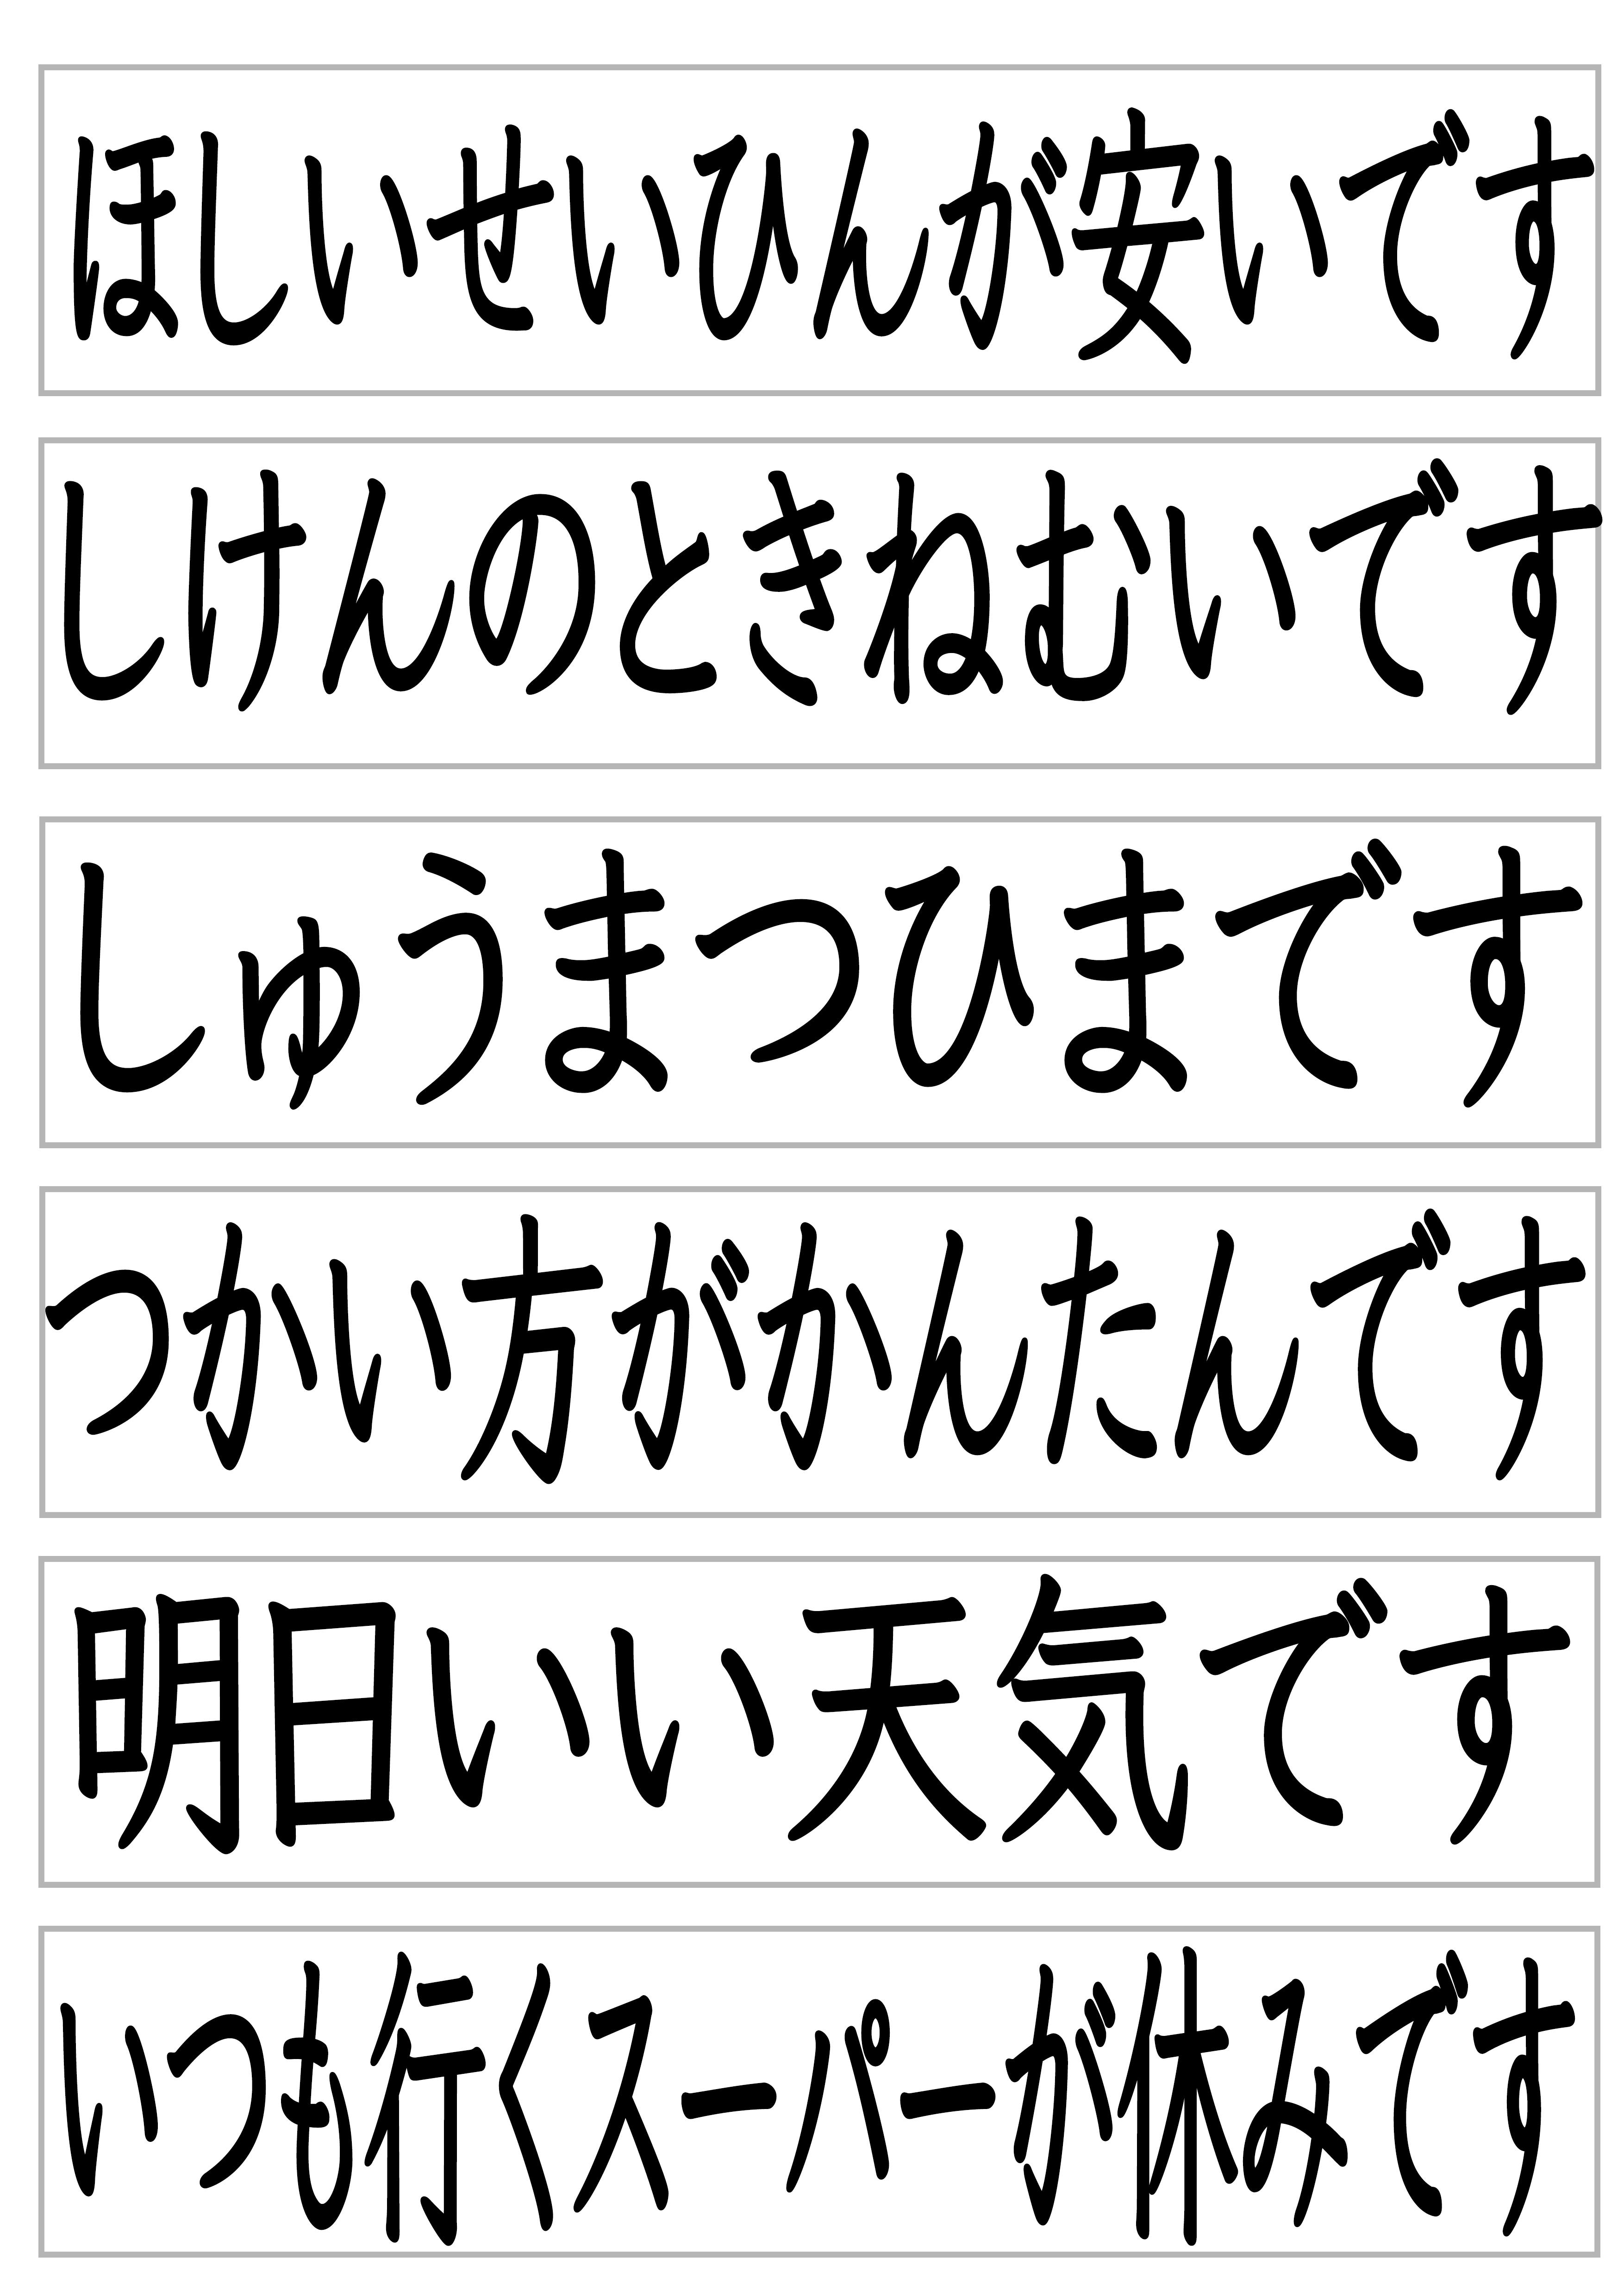 25課文字カード【後件作文】